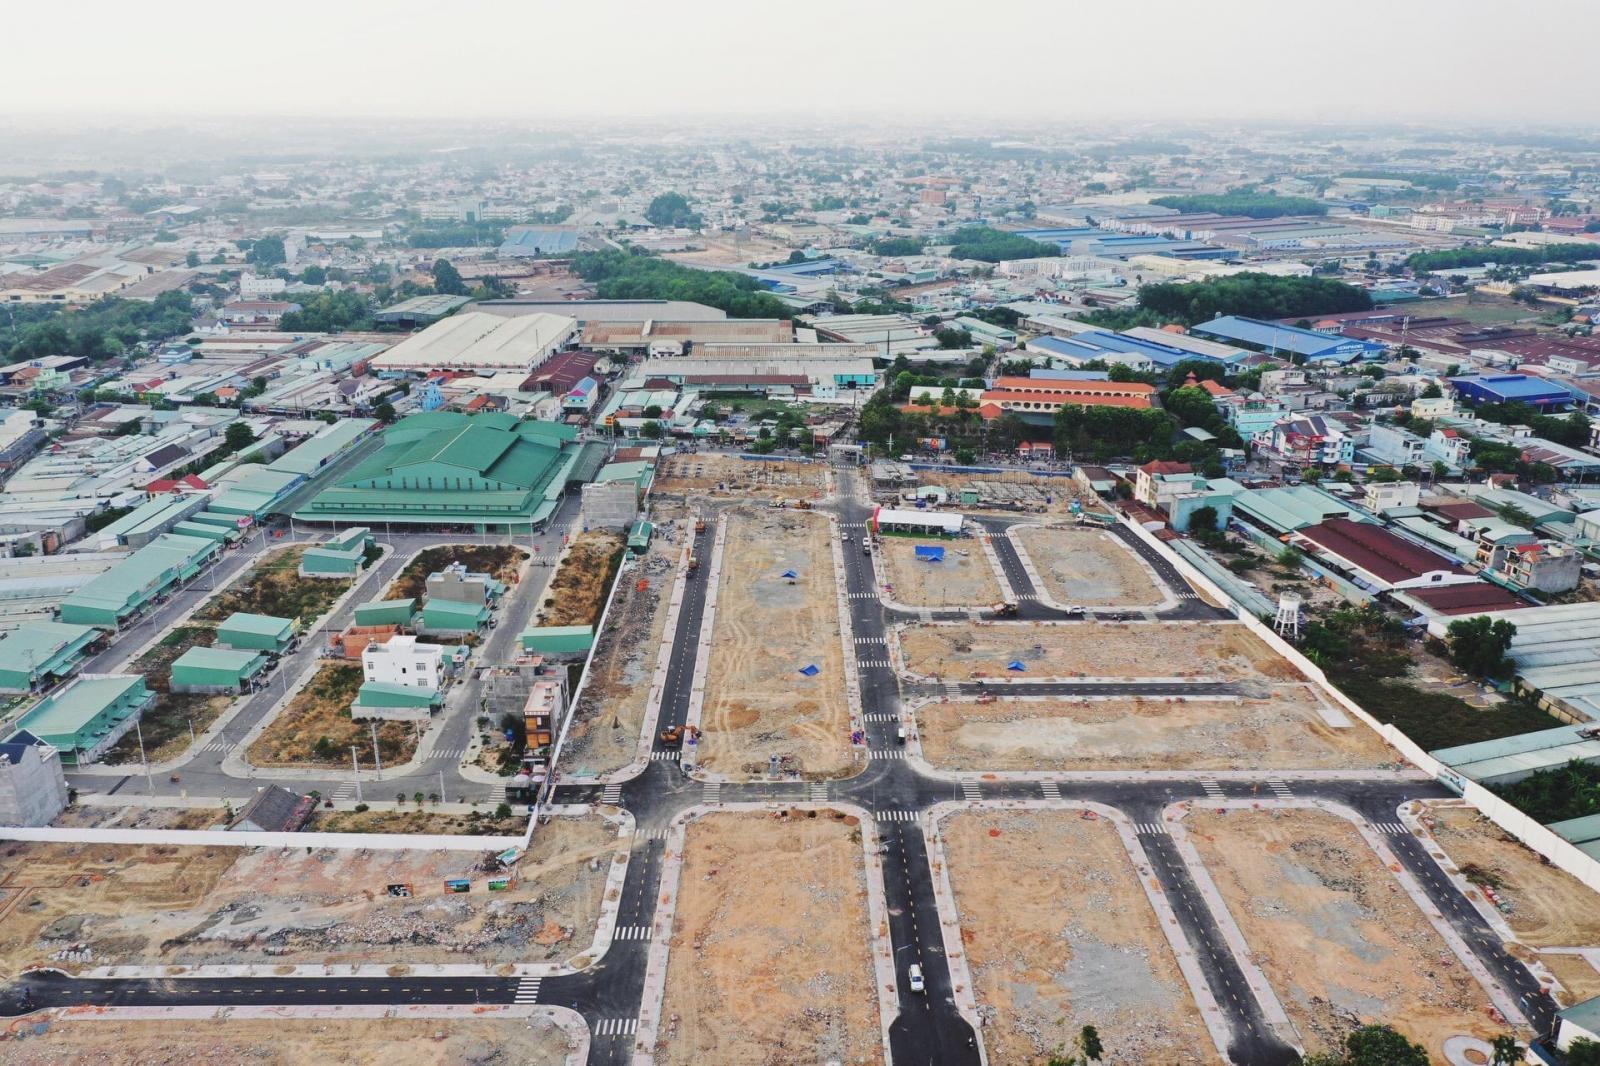 Nắm rõ các loại hình bất động sản ở Việt Nam trước khi đầu tư